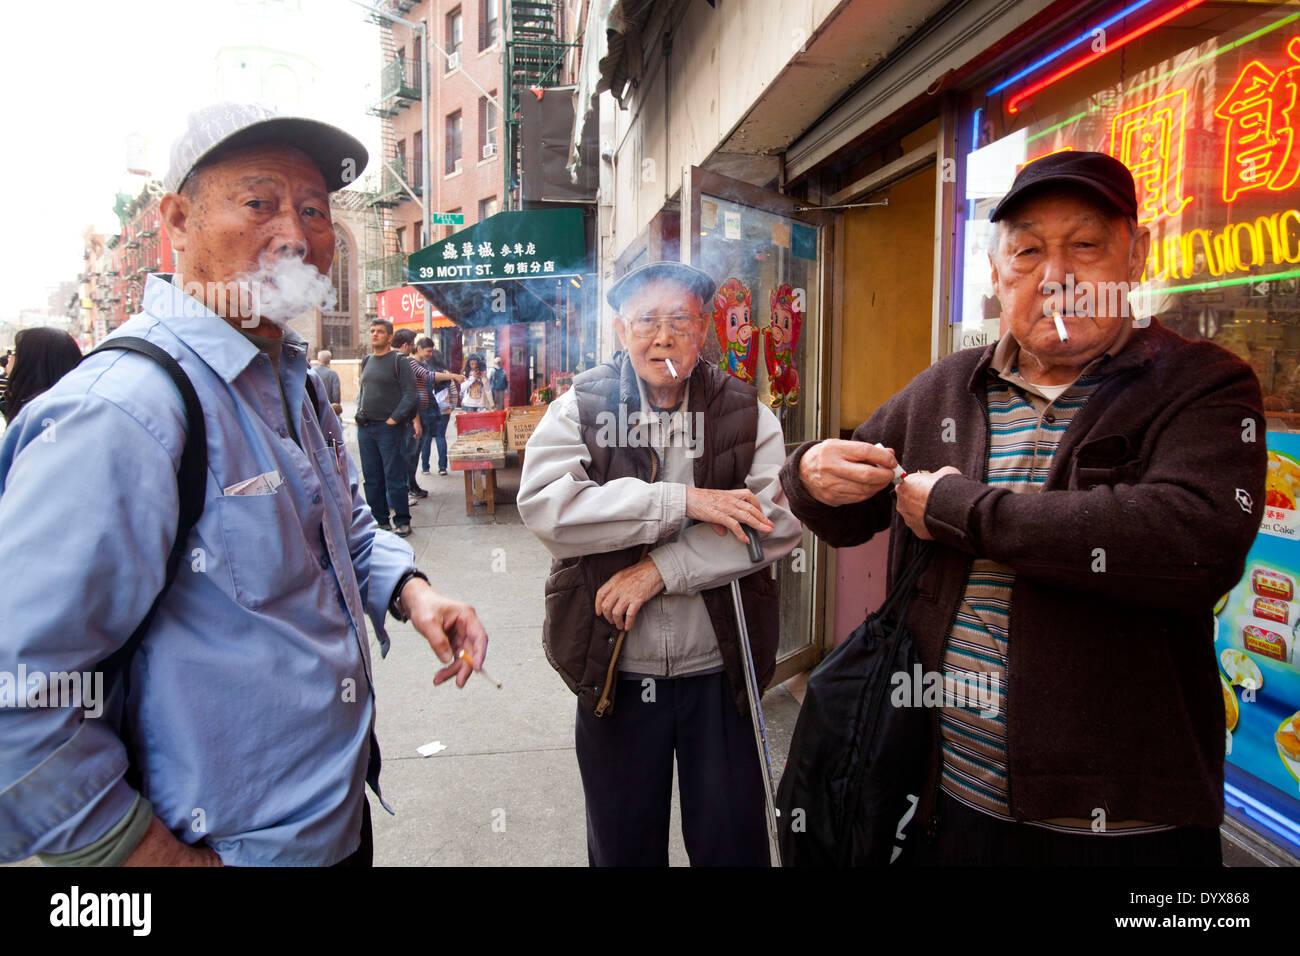 New york men dating asians